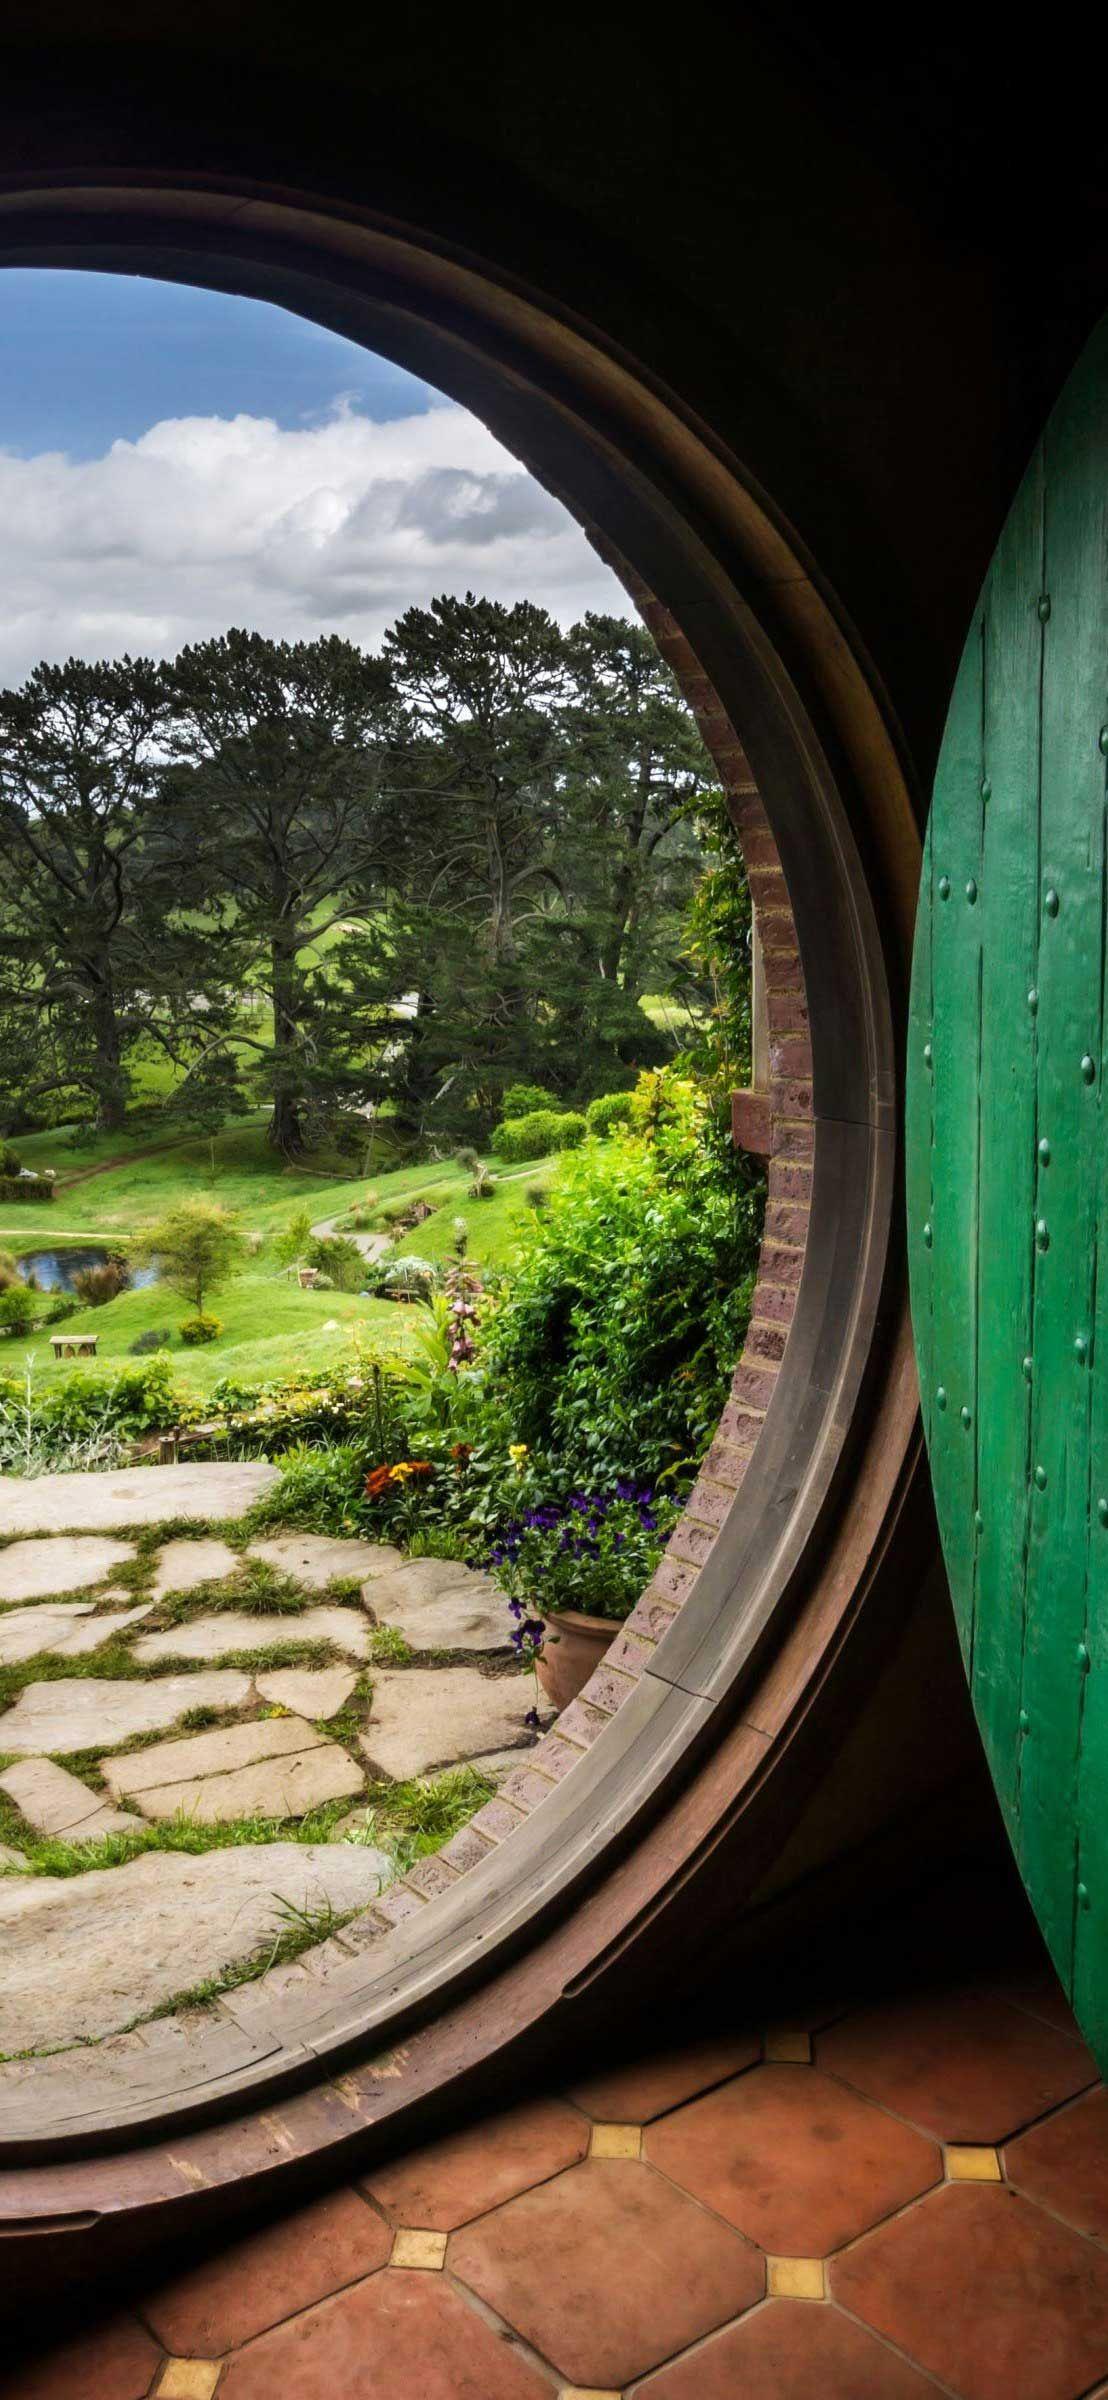 a hobbit house wallpaper Iphone Pro Ma Wallpaper - Best Home Design Ideas